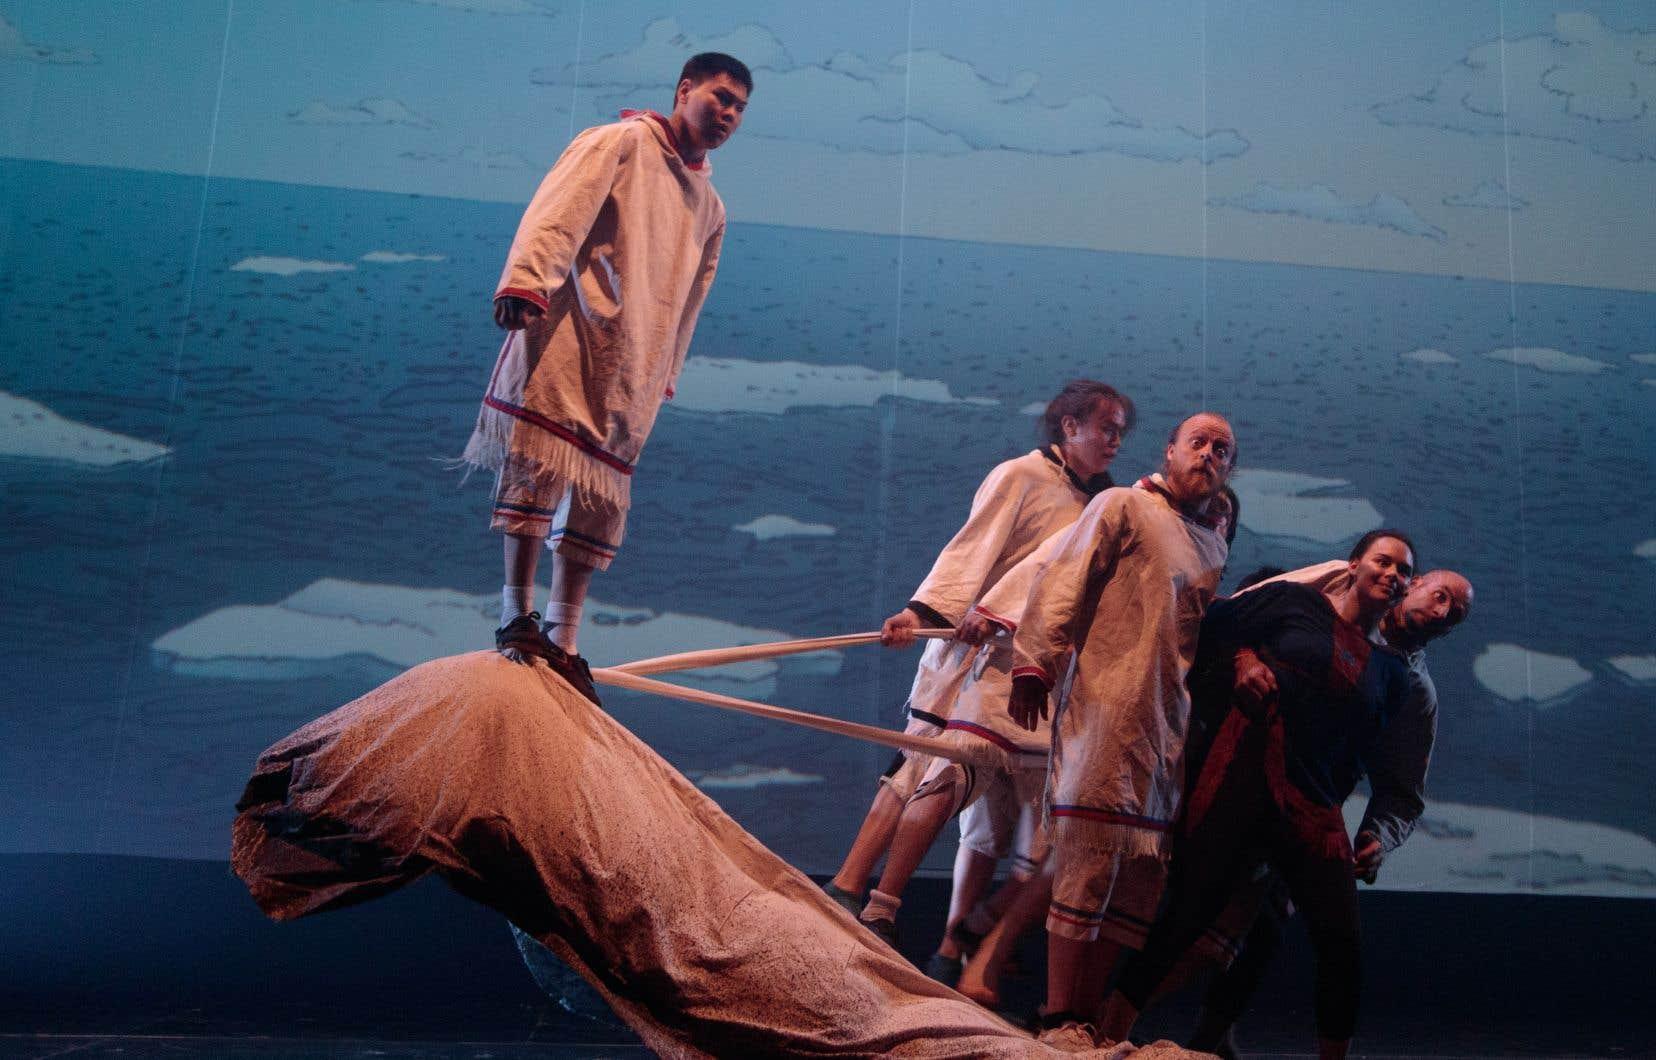 Unikkaaqtuats'appuie sur des traditions orales inuites menacées afin de créer des tableaux visuels, musicaux et acrobatiques qui s'avèrent d'une grande beauté.